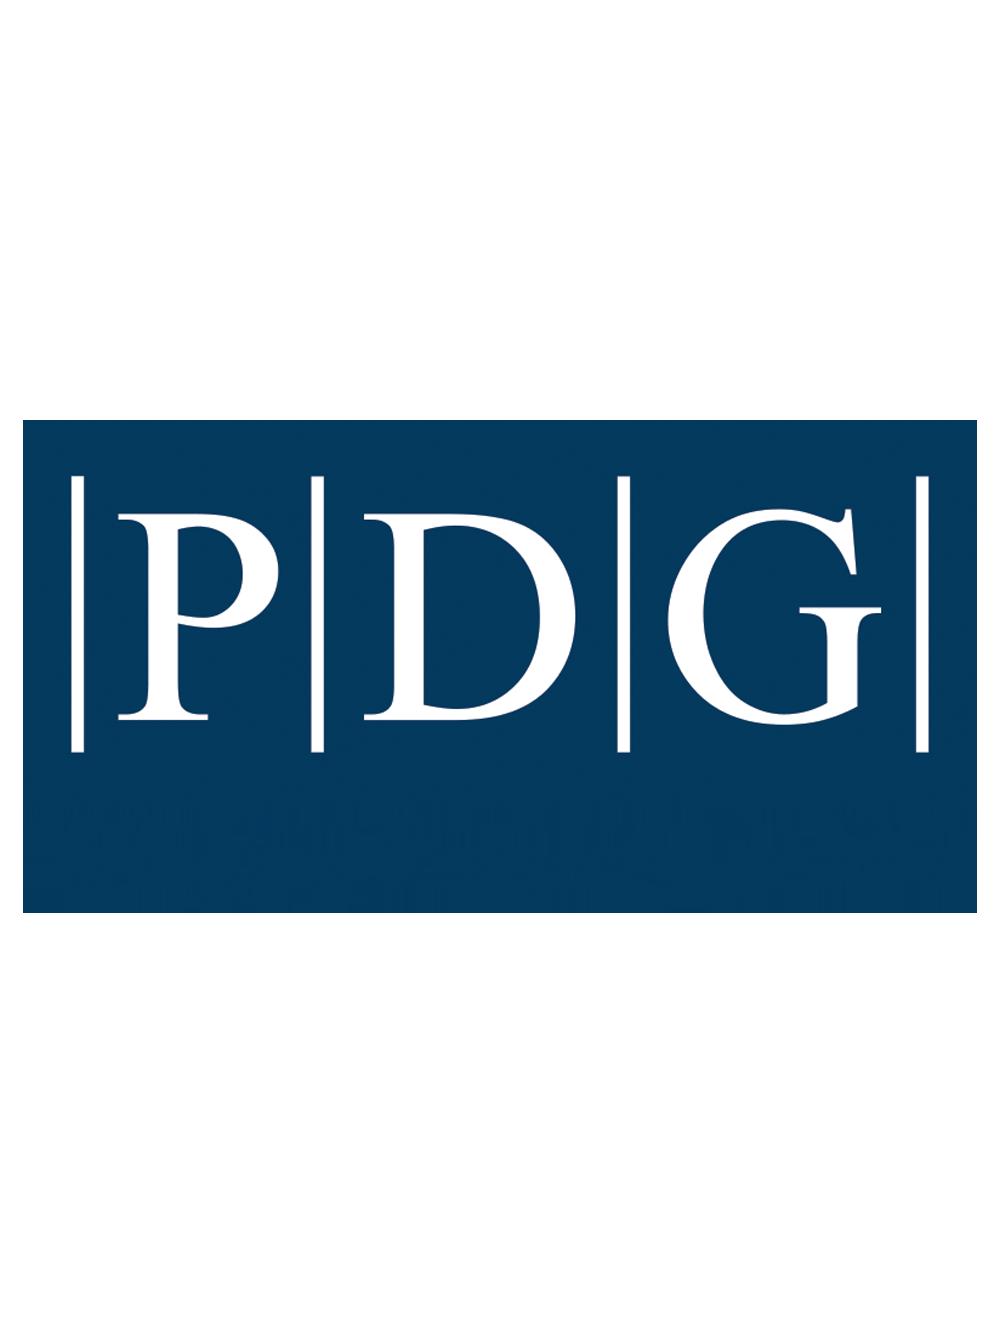 PDG_1000x1333.png